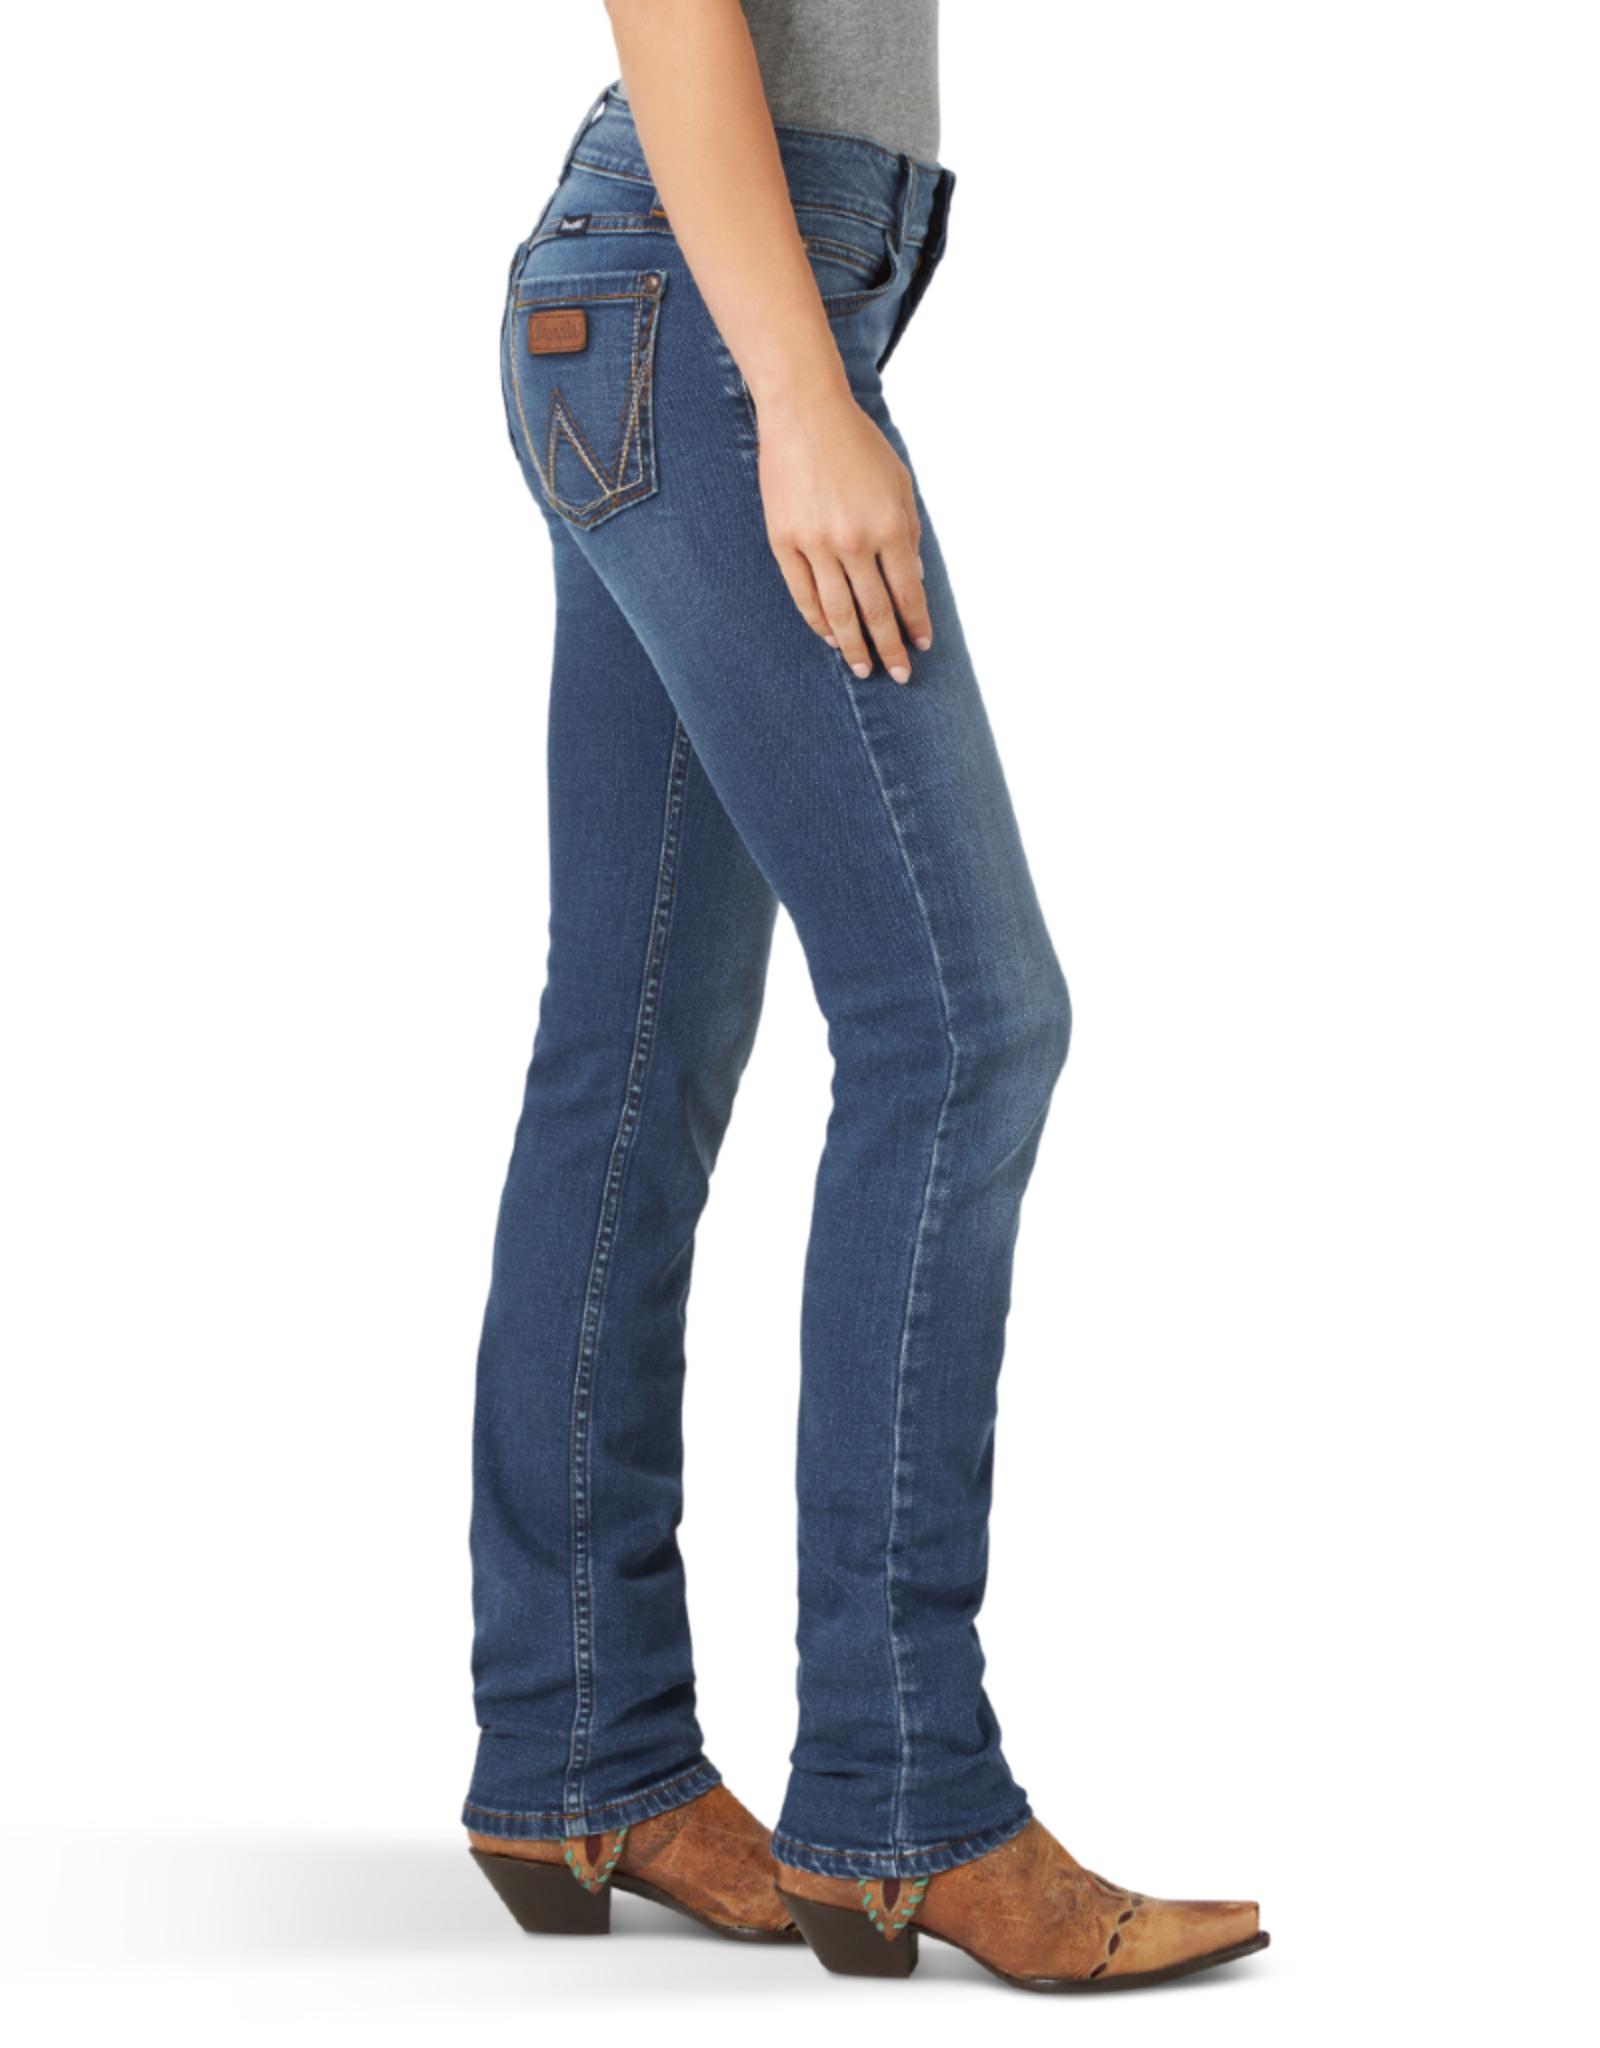 Wrangler Wrangler Mae Retro Mid Rise Straight Jeans